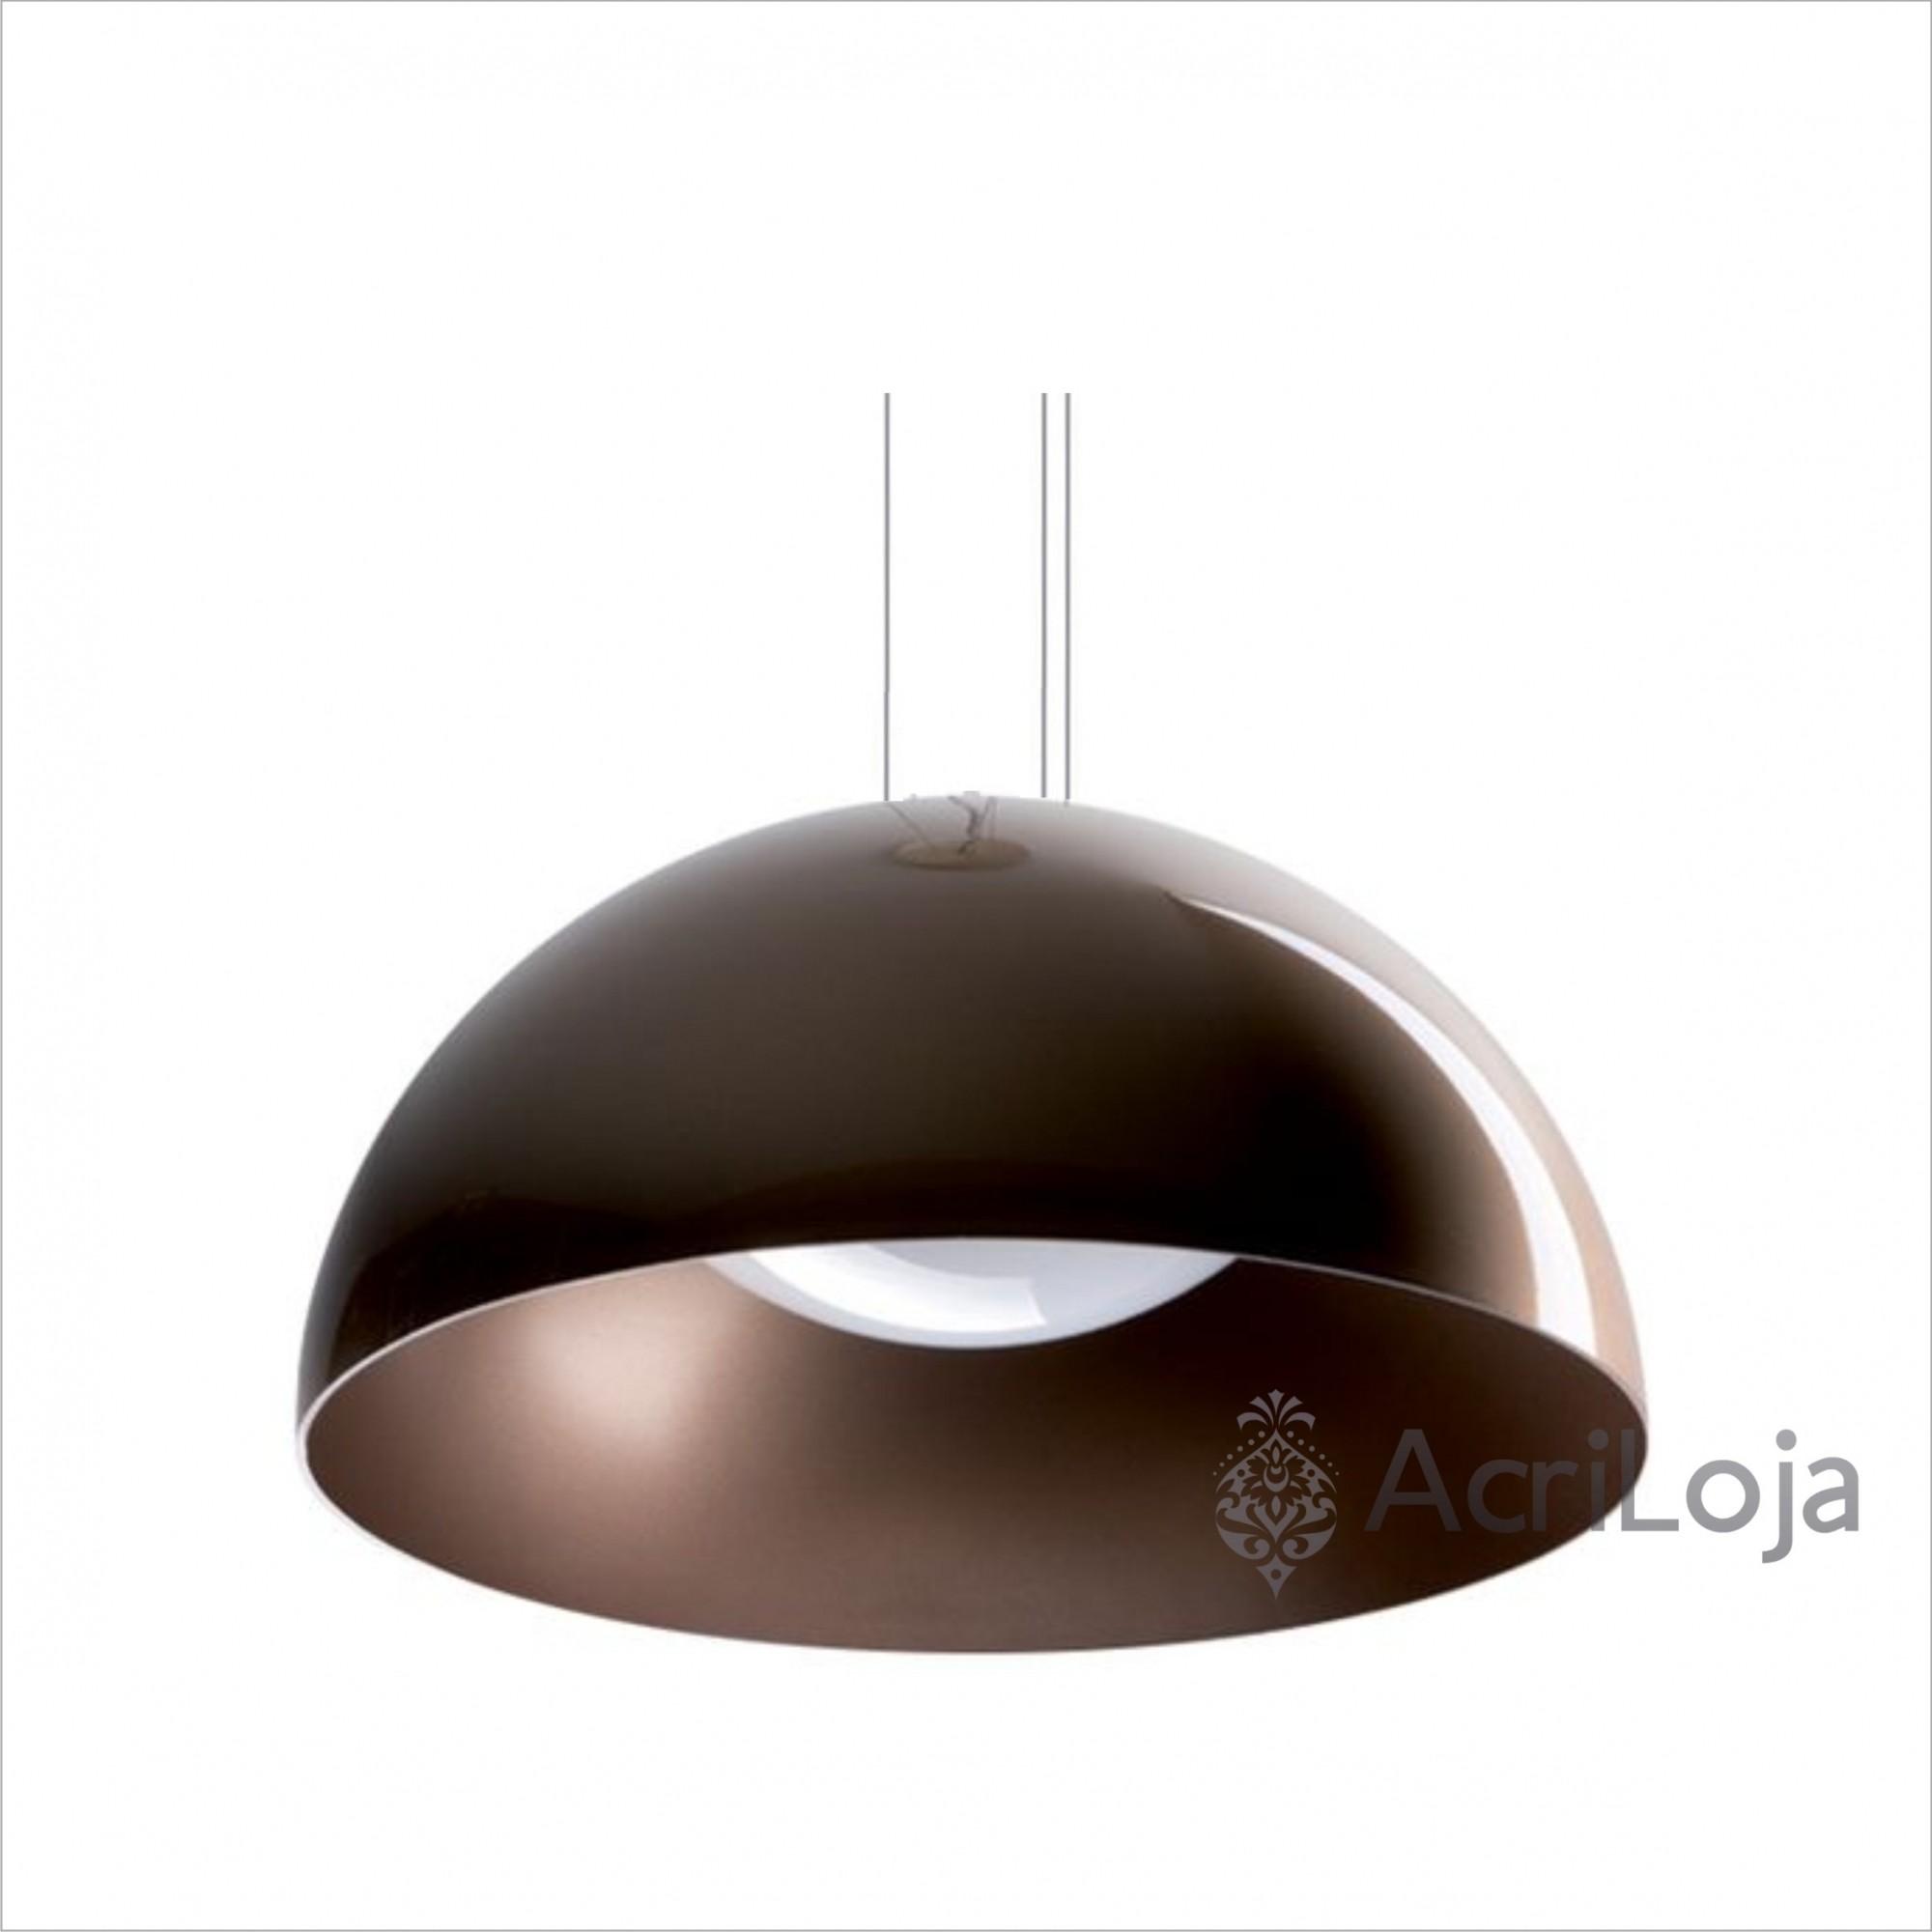 Luminaria Pendente Meia Lua Polly Bronze 45cm x 22.5cm, Lustre de Teto em Promoção